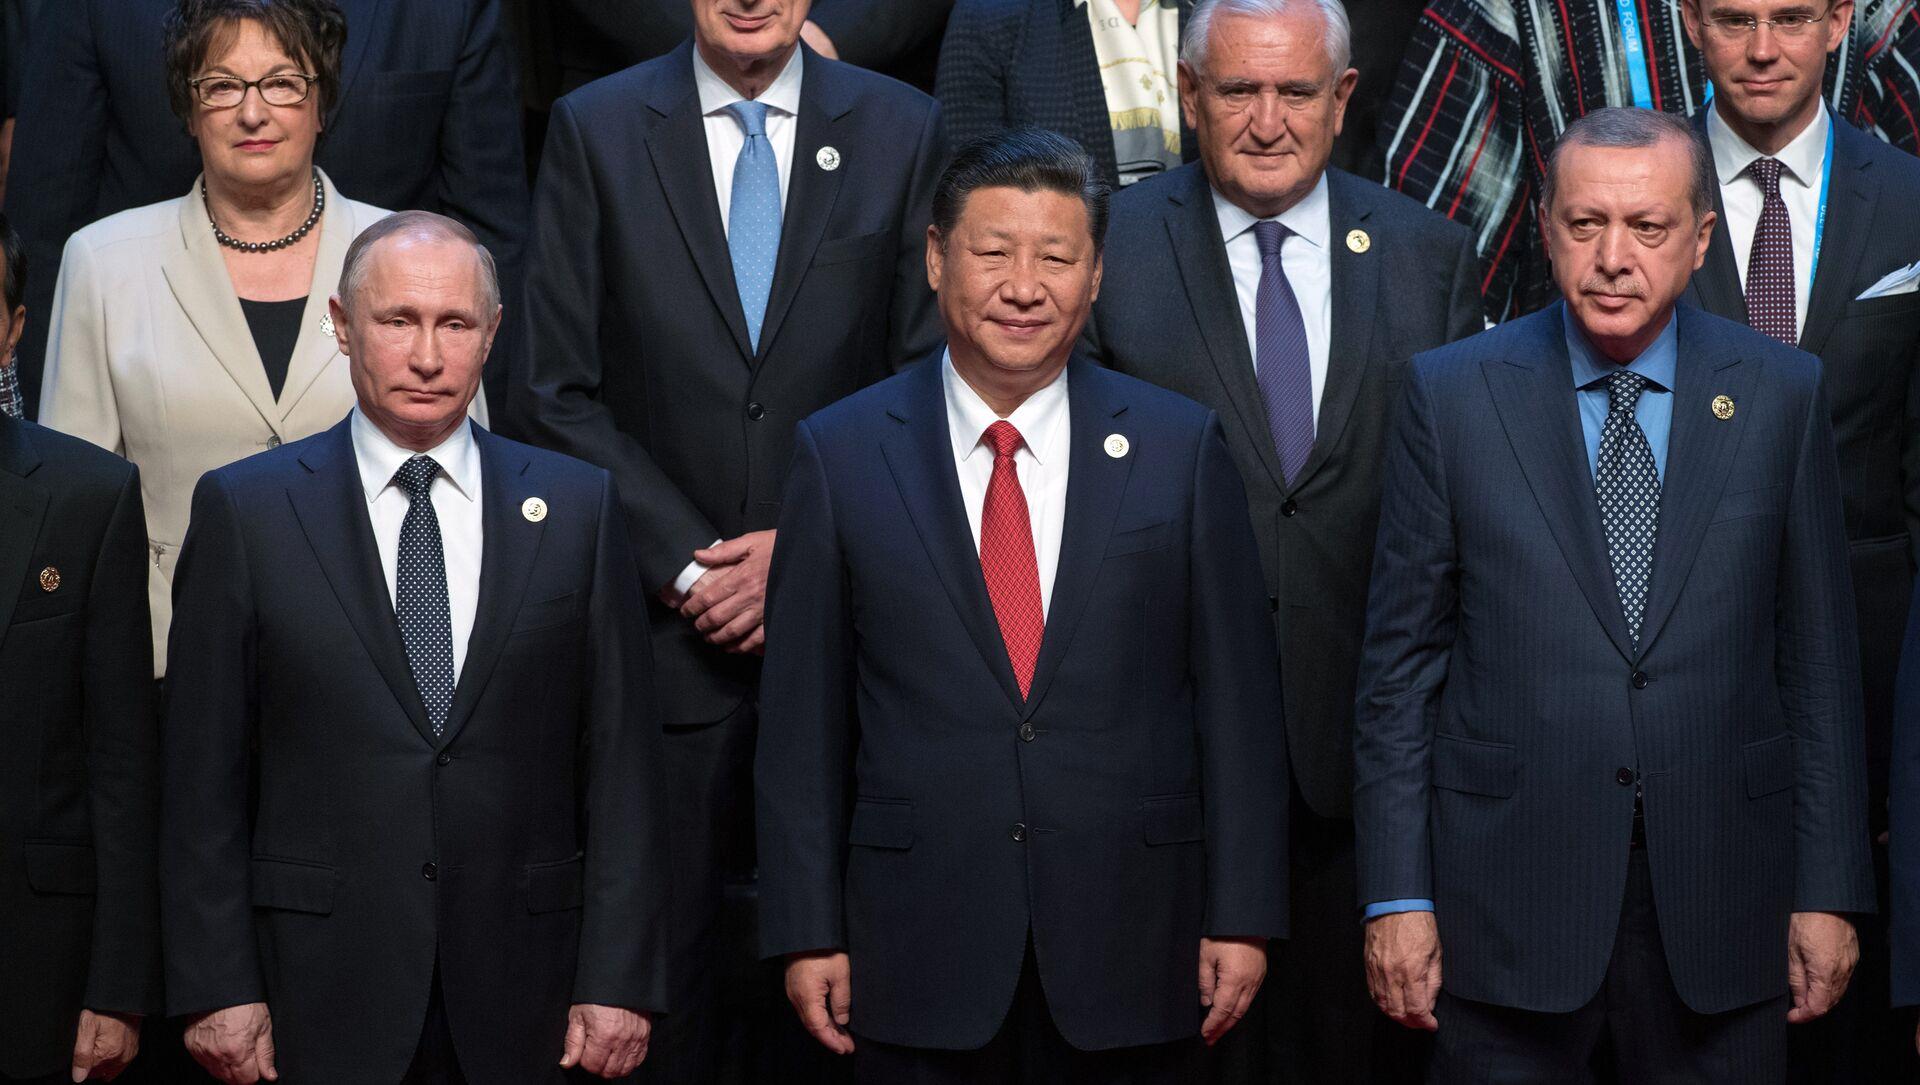 Rusya Devlet Başkanı Vladimir Putin, yol ve Kuşak Forumu'nda Çin Devlet Başkanı Şi Cinping ve Cumhurbaşkanı Recep Tayyip Erdoğan'la. - Sputnik Türkiye, 1920, 27.03.2021